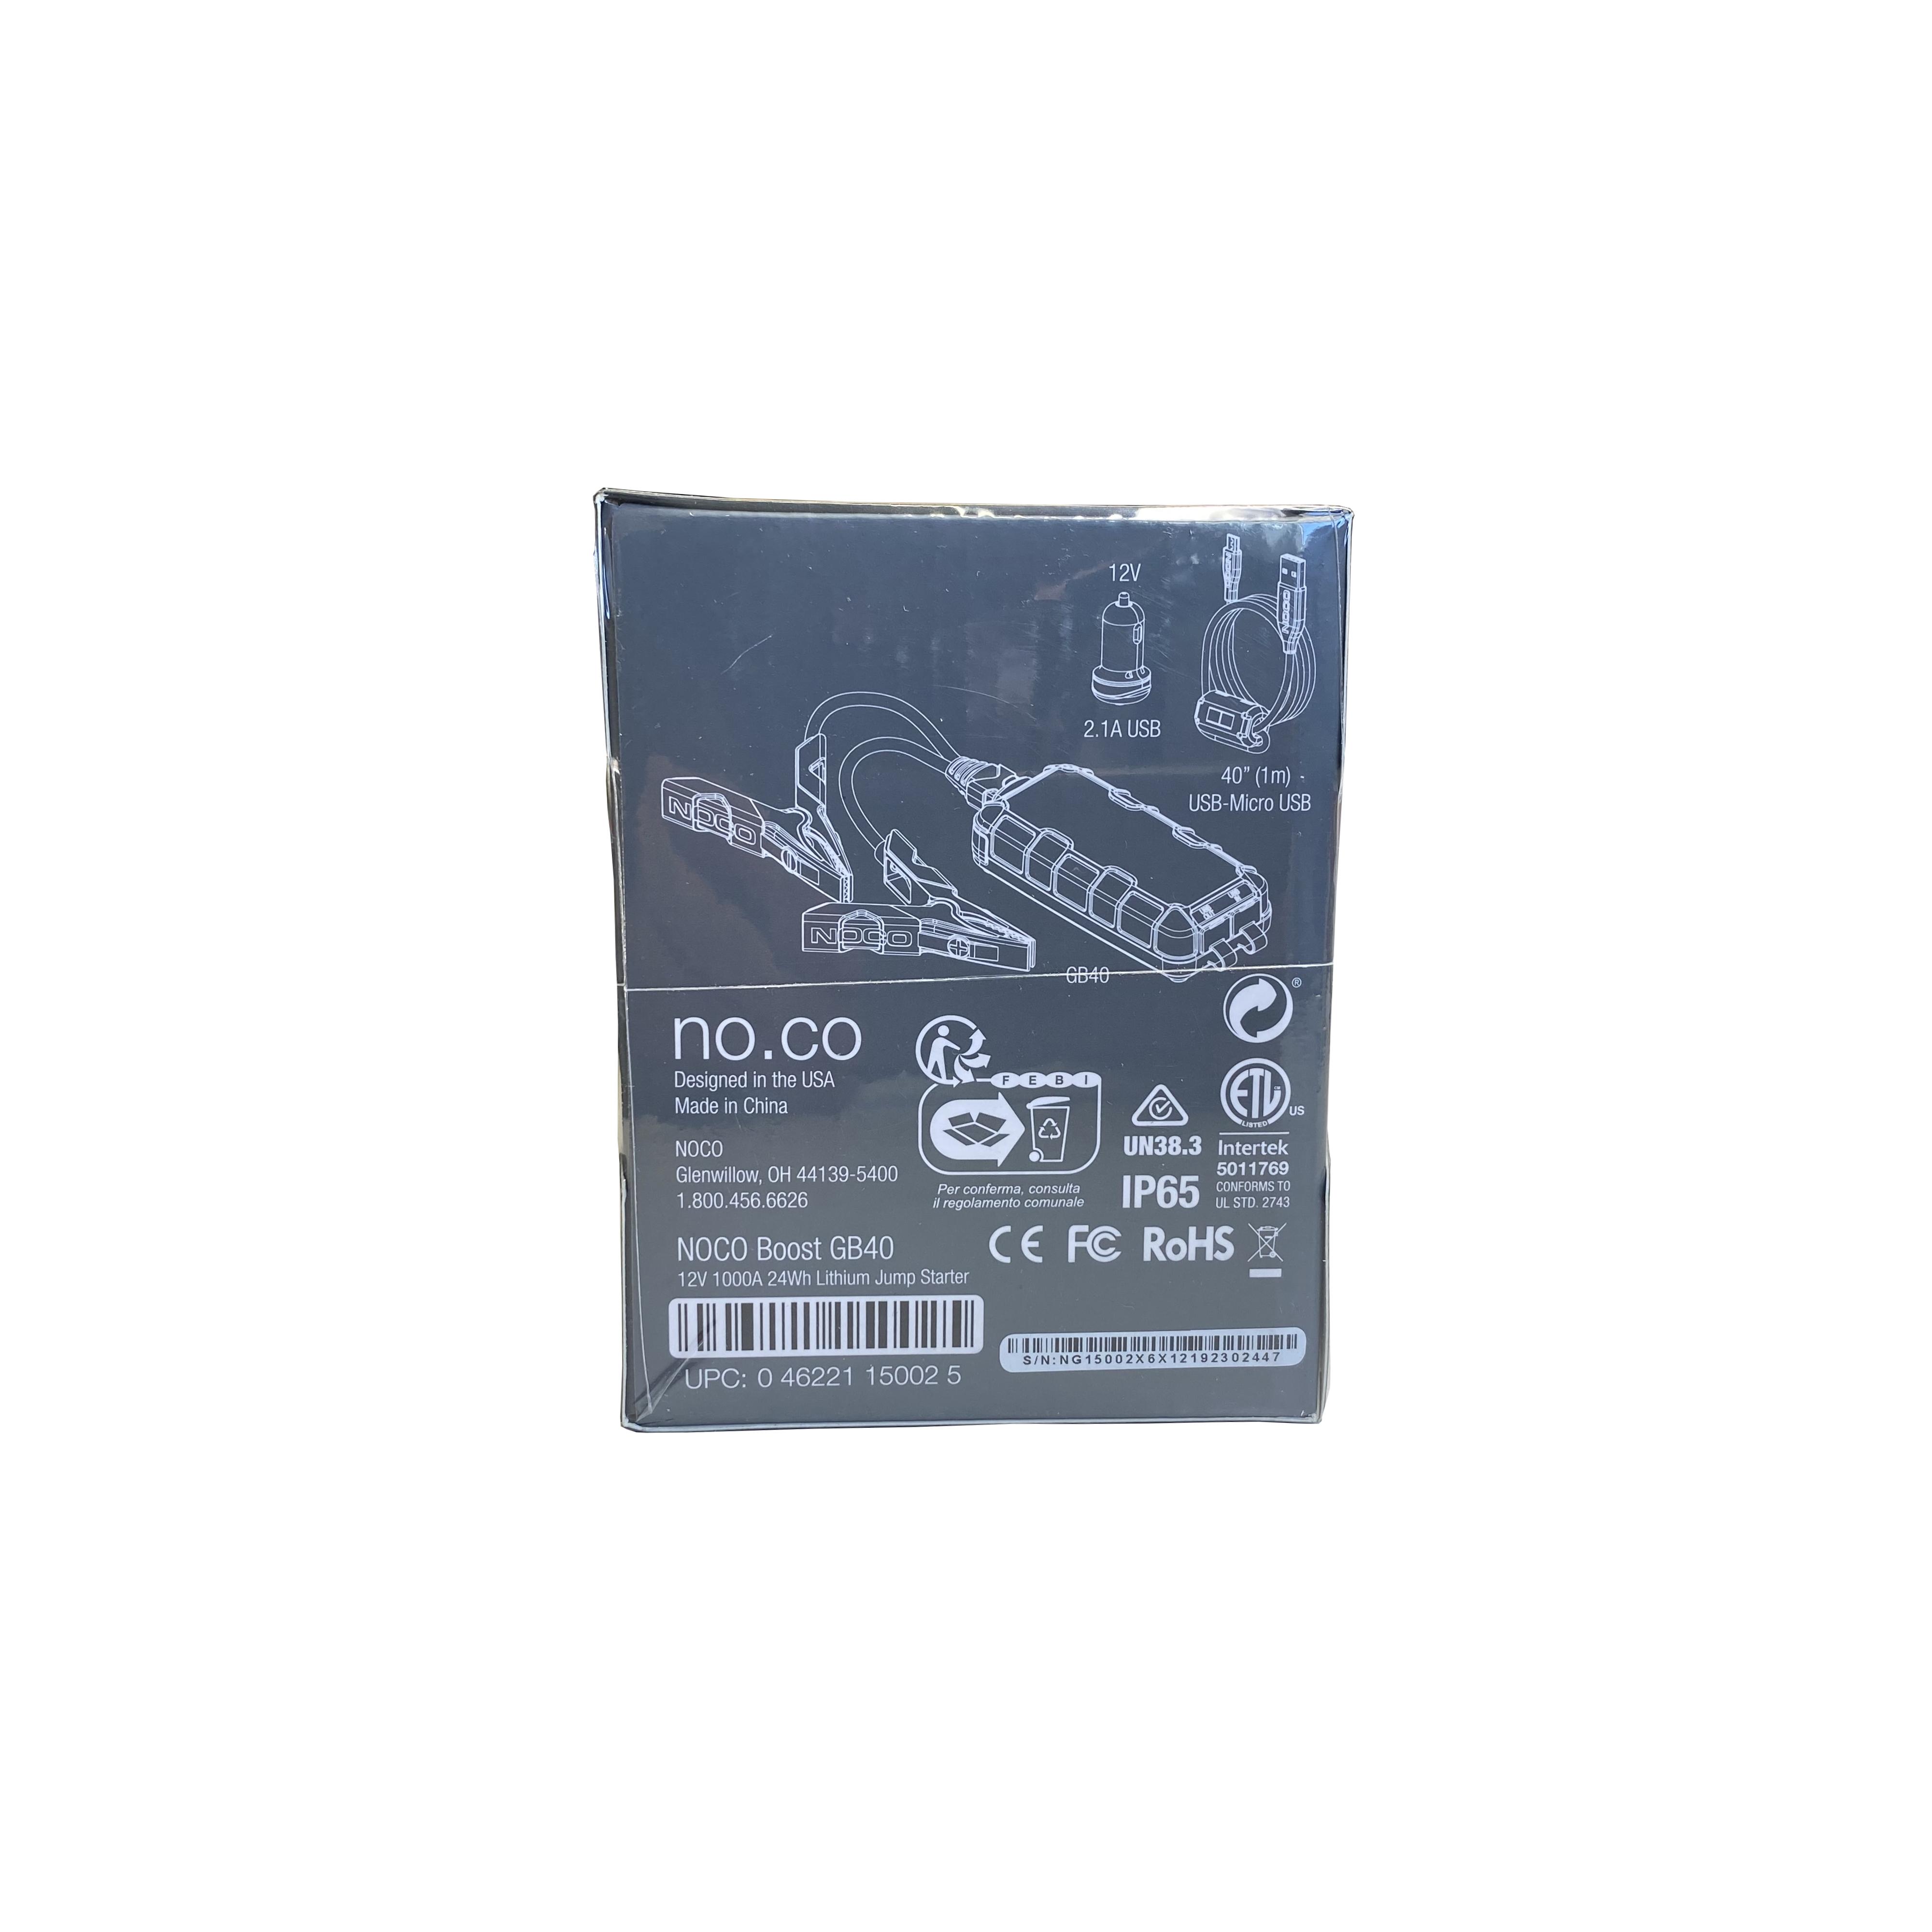 noco genius gb40 1000a 12v 6l 3l petrol diesel jump starter booster battery pack ebay. Black Bedroom Furniture Sets. Home Design Ideas